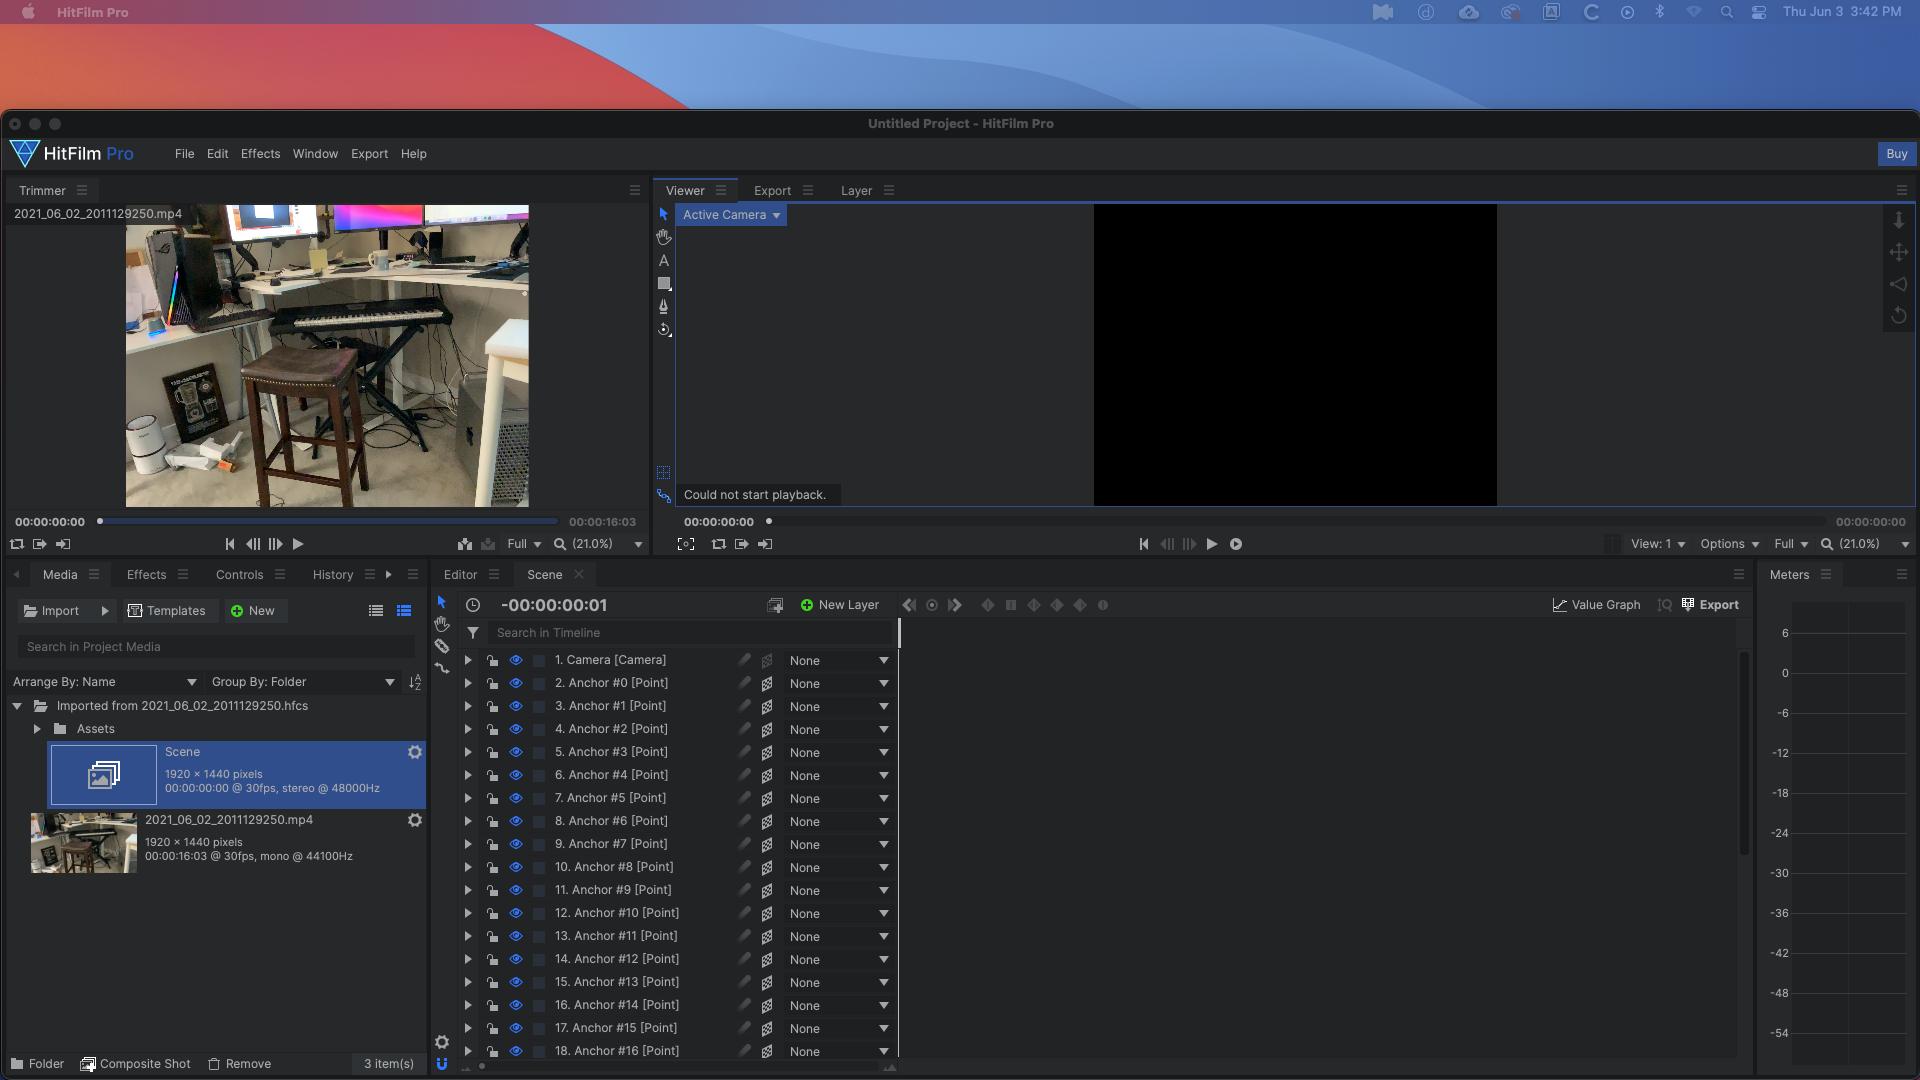 Screen Shot 2021-06-03 at 3.42.32 PM (2).png